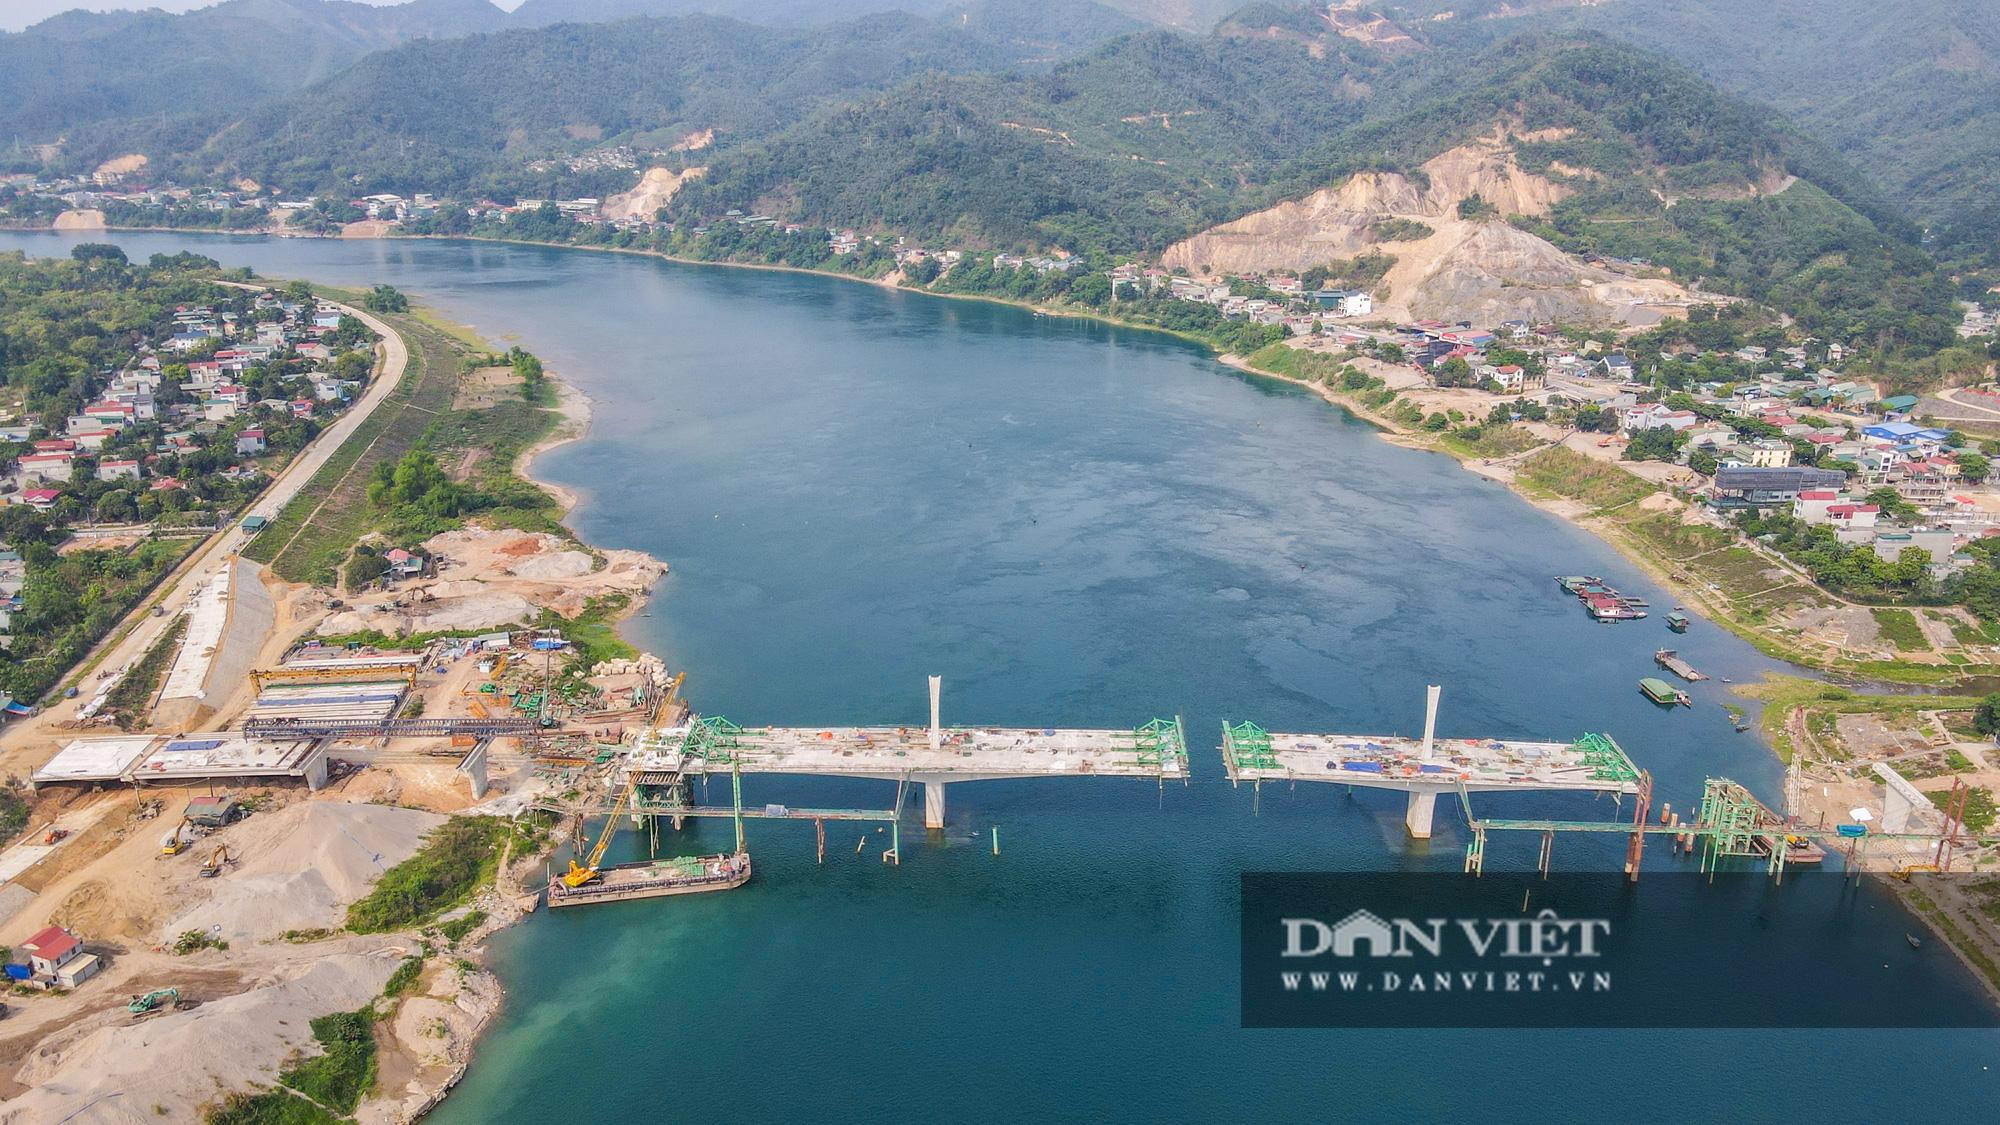 Toàn cảnh cây cầu Hoà Bình 2 trị giá gần 600 tỷ bắc qua sông Đà - Ảnh 2.